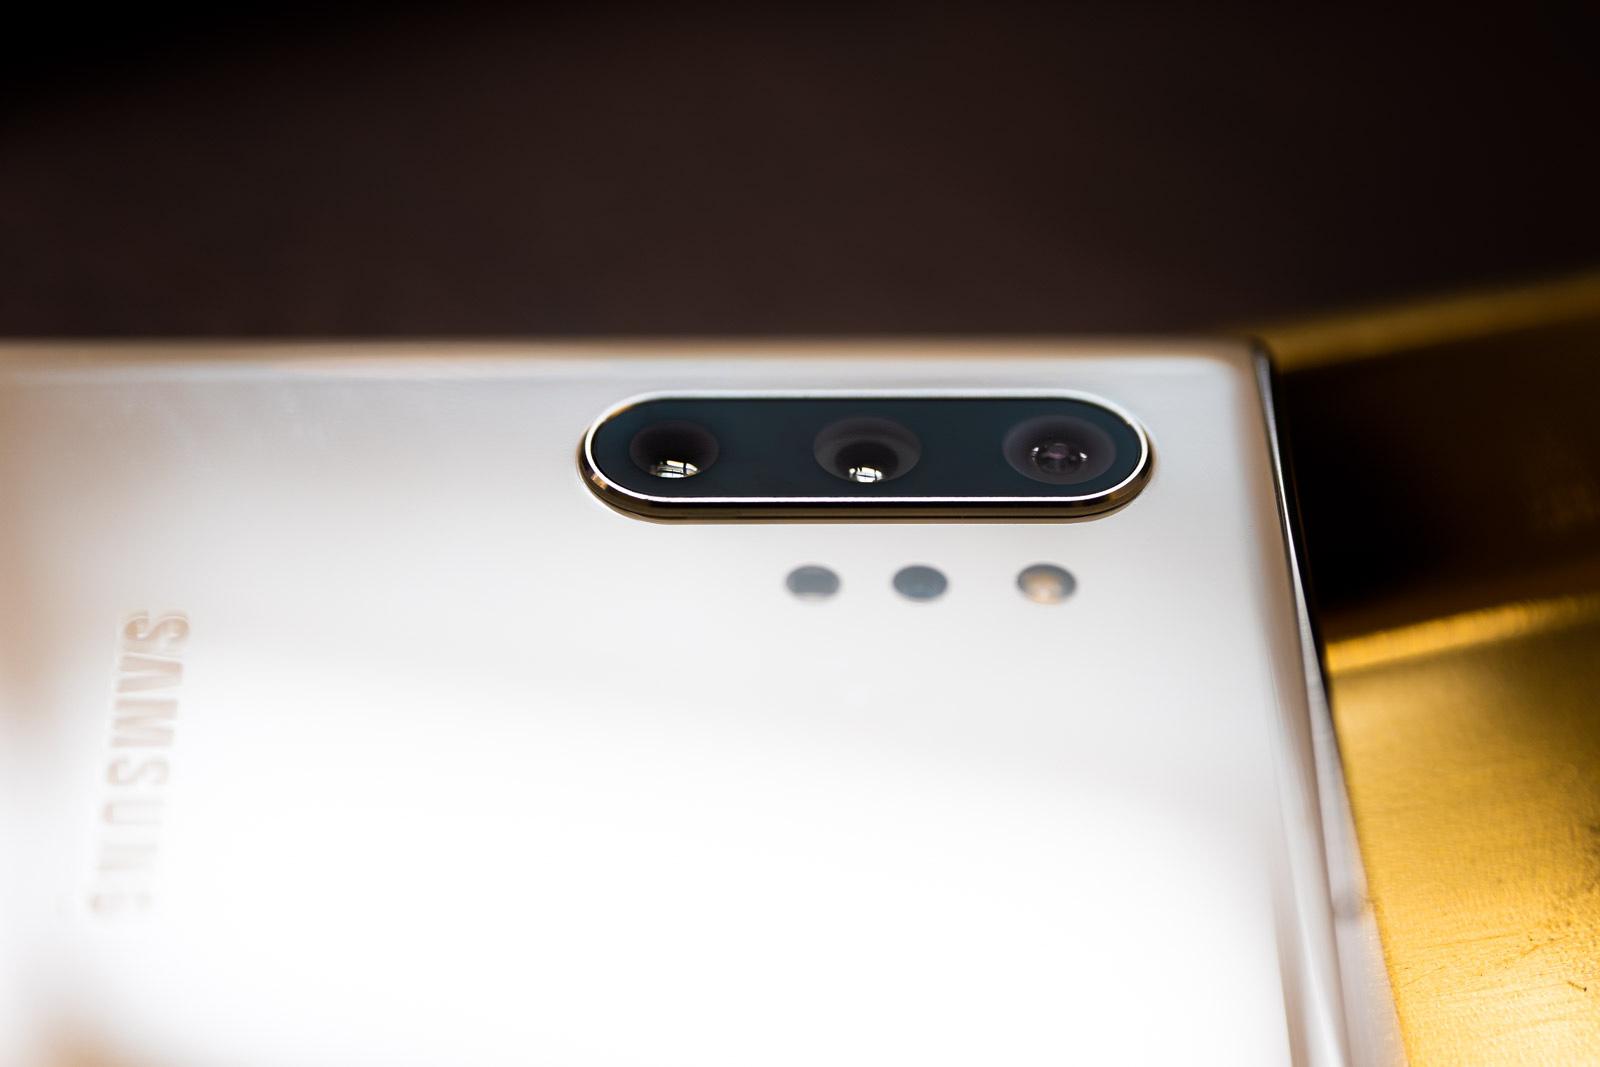 Samsung-ek matrize bat erakutsi zuen 108 megapixeleko bereizmenarekin.  Laster smartphonesetara joango da